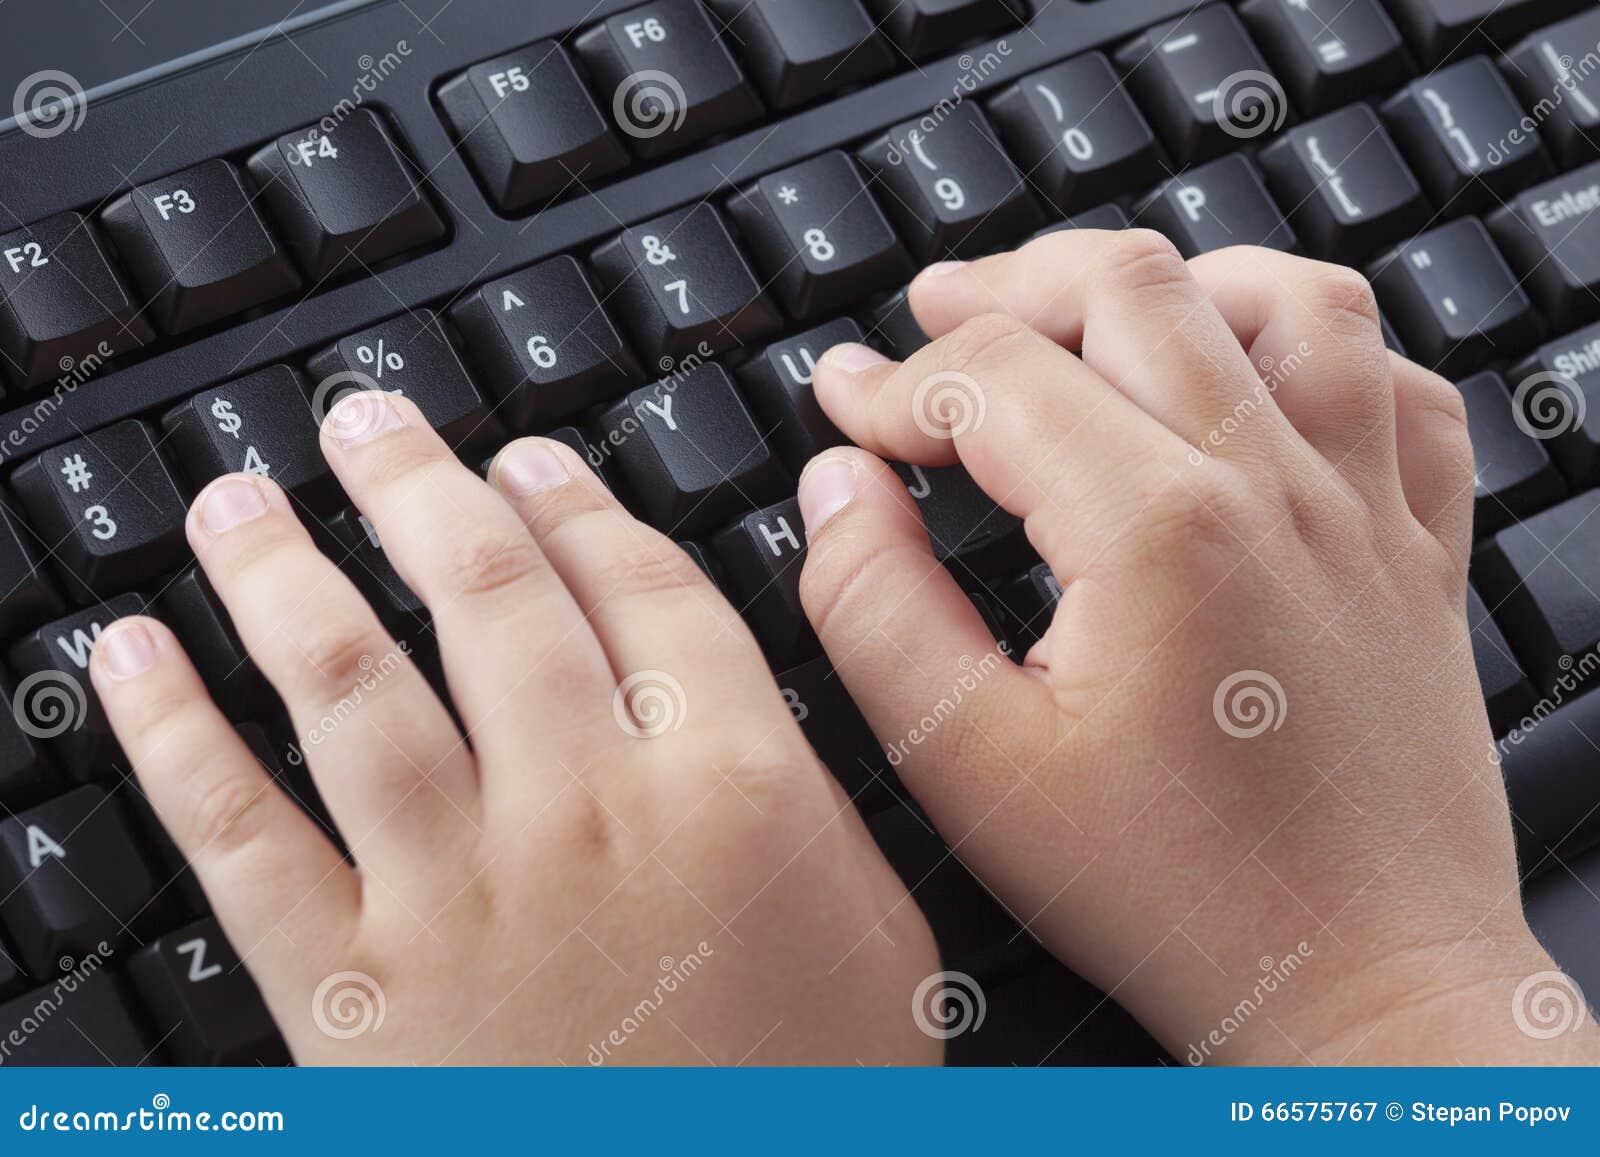 Παιδί που δακτυλογραφεί κάτι στο μαύρο πληκτρολόγιο υπολογιστών